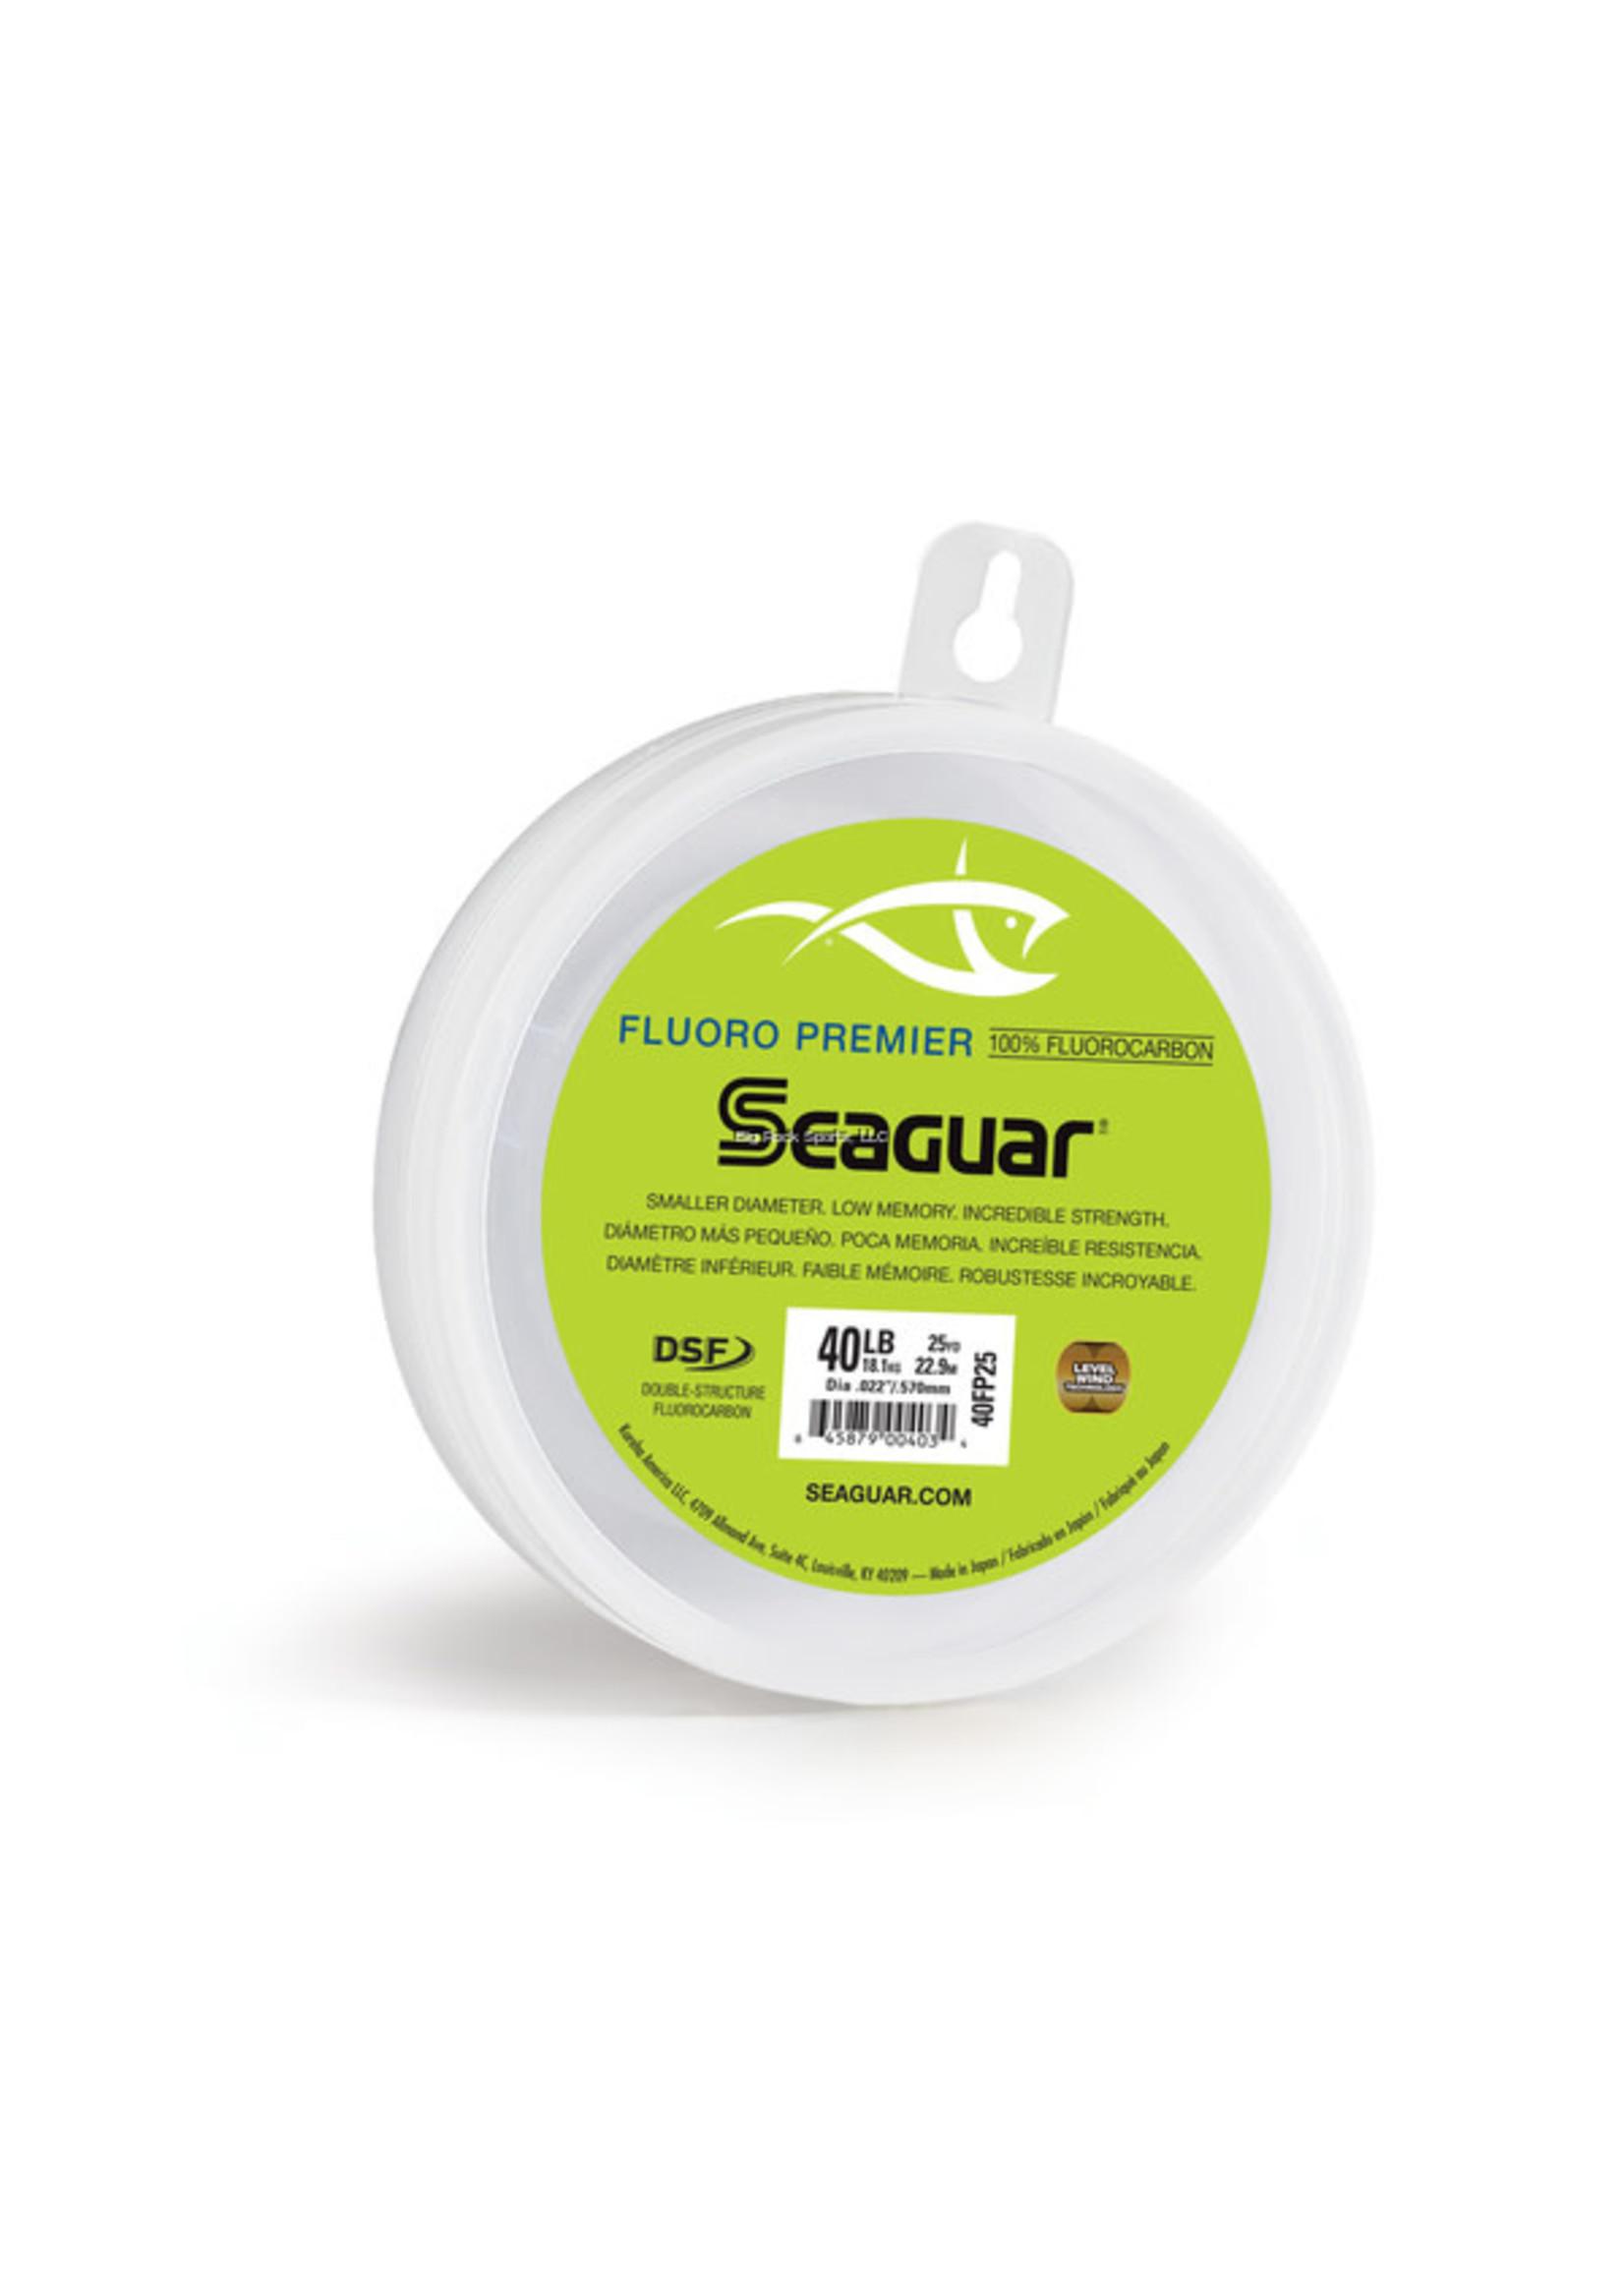 SEAGUAR Seaguar Premier Flourocarbon 40FP25